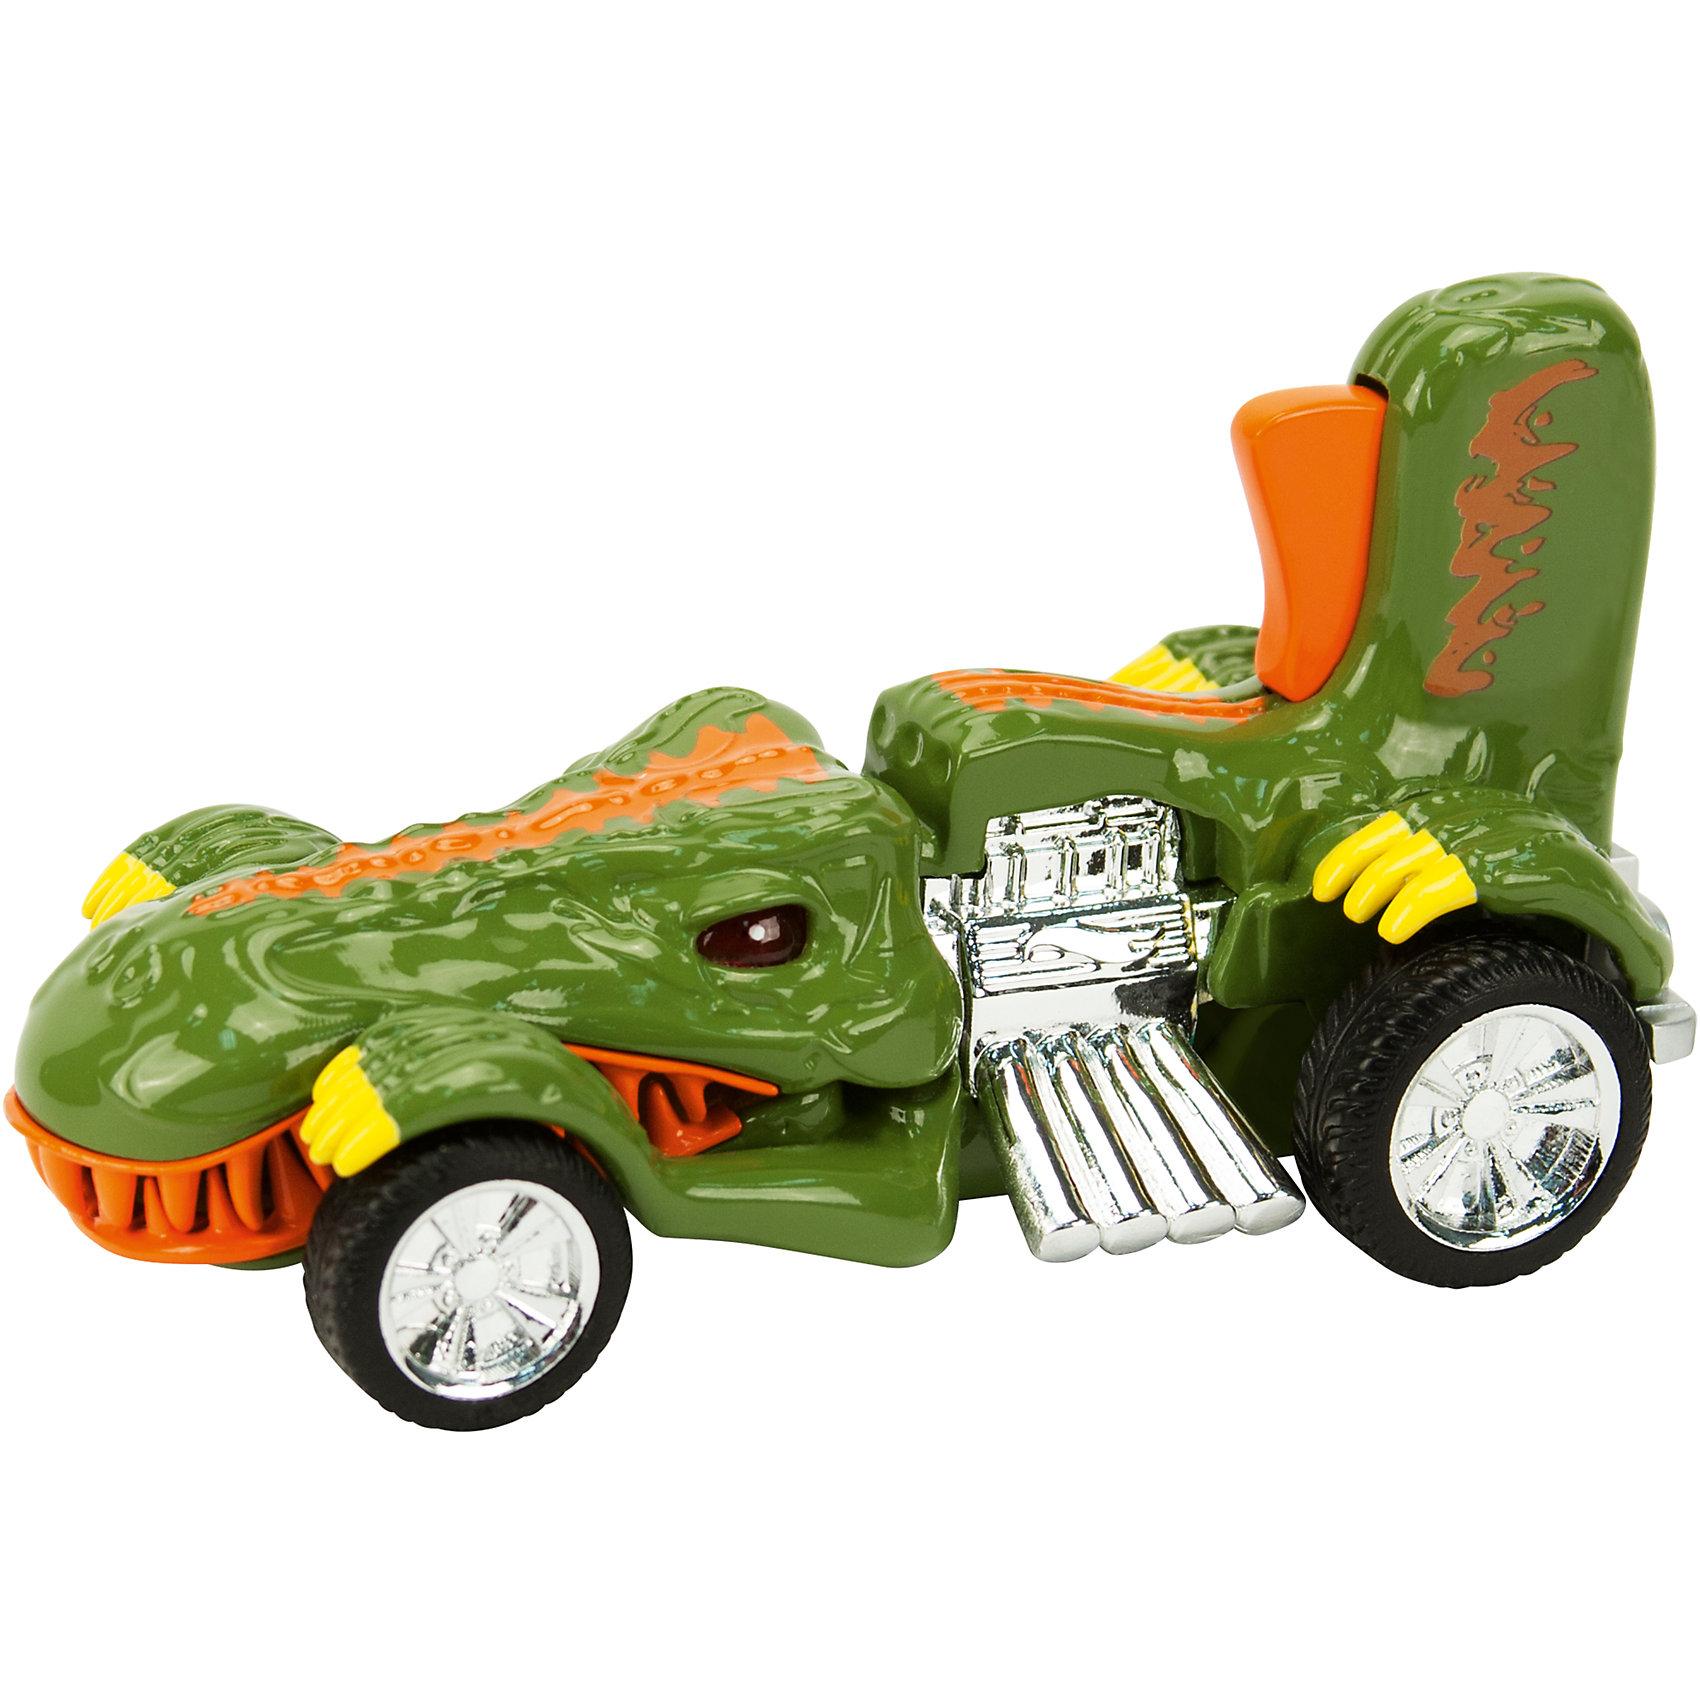 Машинка Зеленый динозавр, 13,5 см, Hot WheelsХарактеристики товара:<br><br>- цвет: зеленый;<br>- материал: пластик, металл;<br>- особенности: на батарейках, со звуковыми и световыми эффектами;<br>- вес: 160 г;<br>- размер упаковки: 9х13х18;<br>- батарейки: демонстрационные в комплекте;<br>- размер машинки: 13,5 см.<br><br>Какой мальчишка откажется поиграть с коллекционной машинкой Hot Wheels, которая выглядит как настоящая?! Машинка очень эффектно смотрится, она запускается нажатием кнопки. Игрушка отлично детализирована, очень качественно выполнена, поэтому она станет отличным подарком ребенку. Продается в красивой упаковке.<br>Изделия произведены из высококачественного материала, безопасного для детей.<br><br>Машинку Зеленый динозавр Hot Wheels можно купить в нашем интернет-магазине.<br><br>Ширина мм: 89<br>Глубина мм: 127<br>Высота мм: 158<br>Вес г: 160<br>Возраст от месяцев: 36<br>Возраст до месяцев: 2147483647<br>Пол: Мужской<br>Возраст: Детский<br>SKU: 5066716